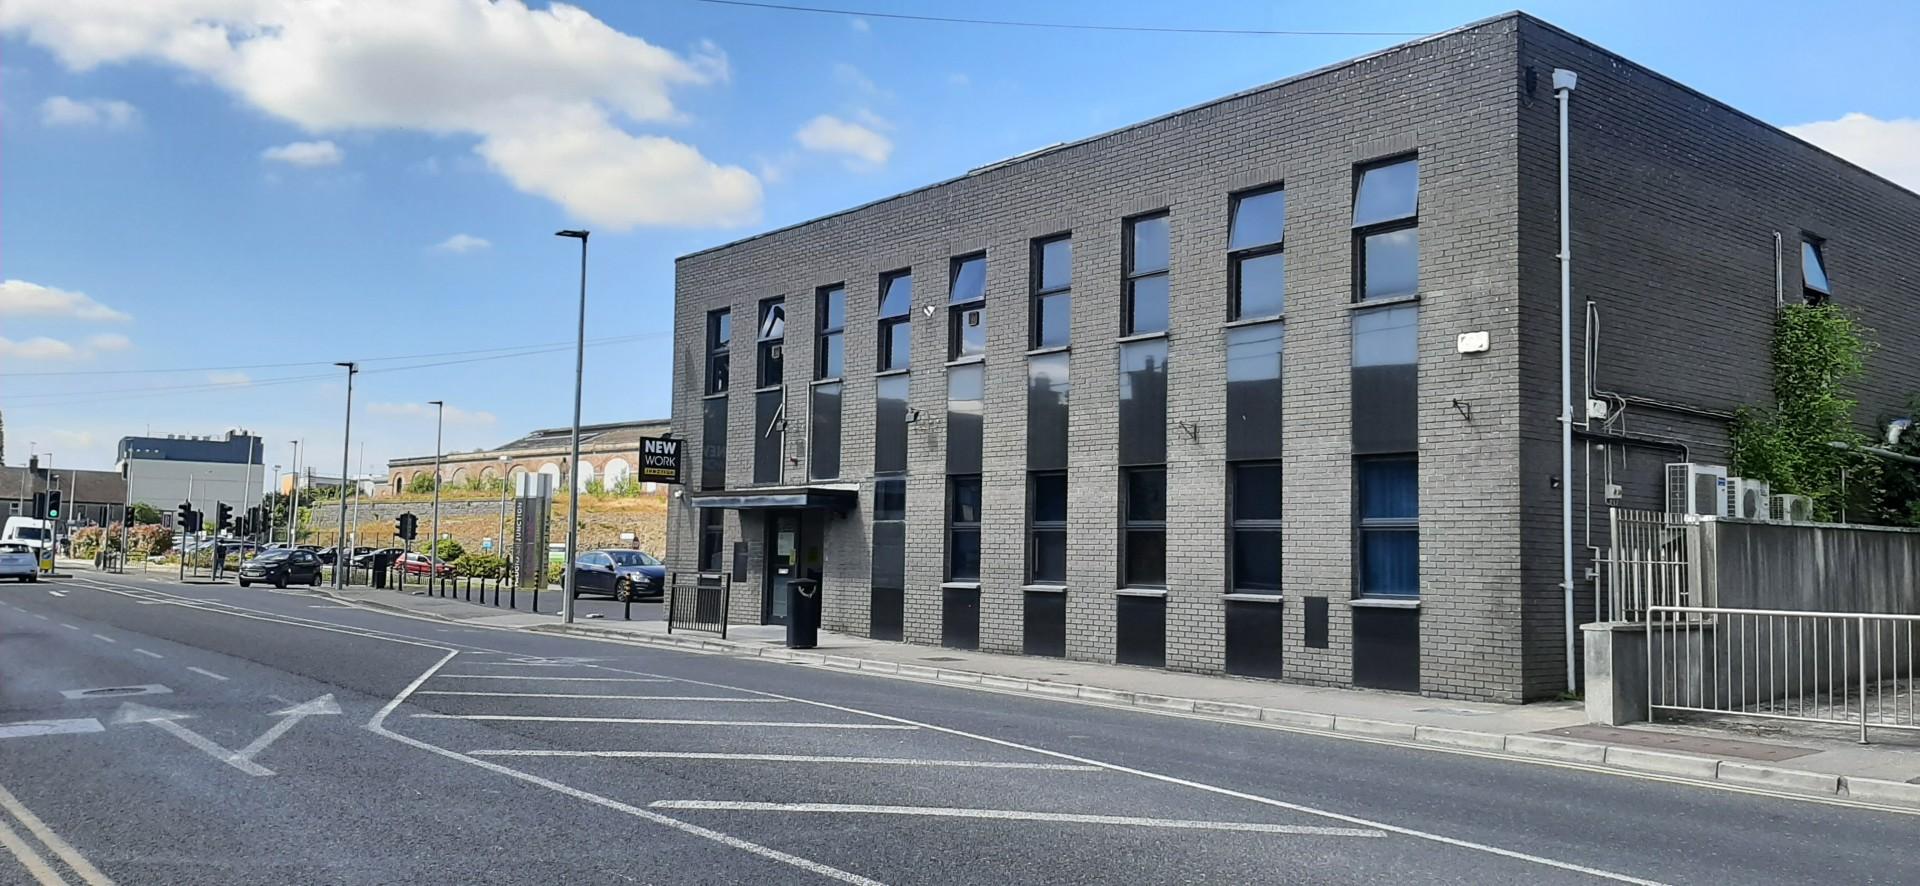 New Work Junction - Kilkenny